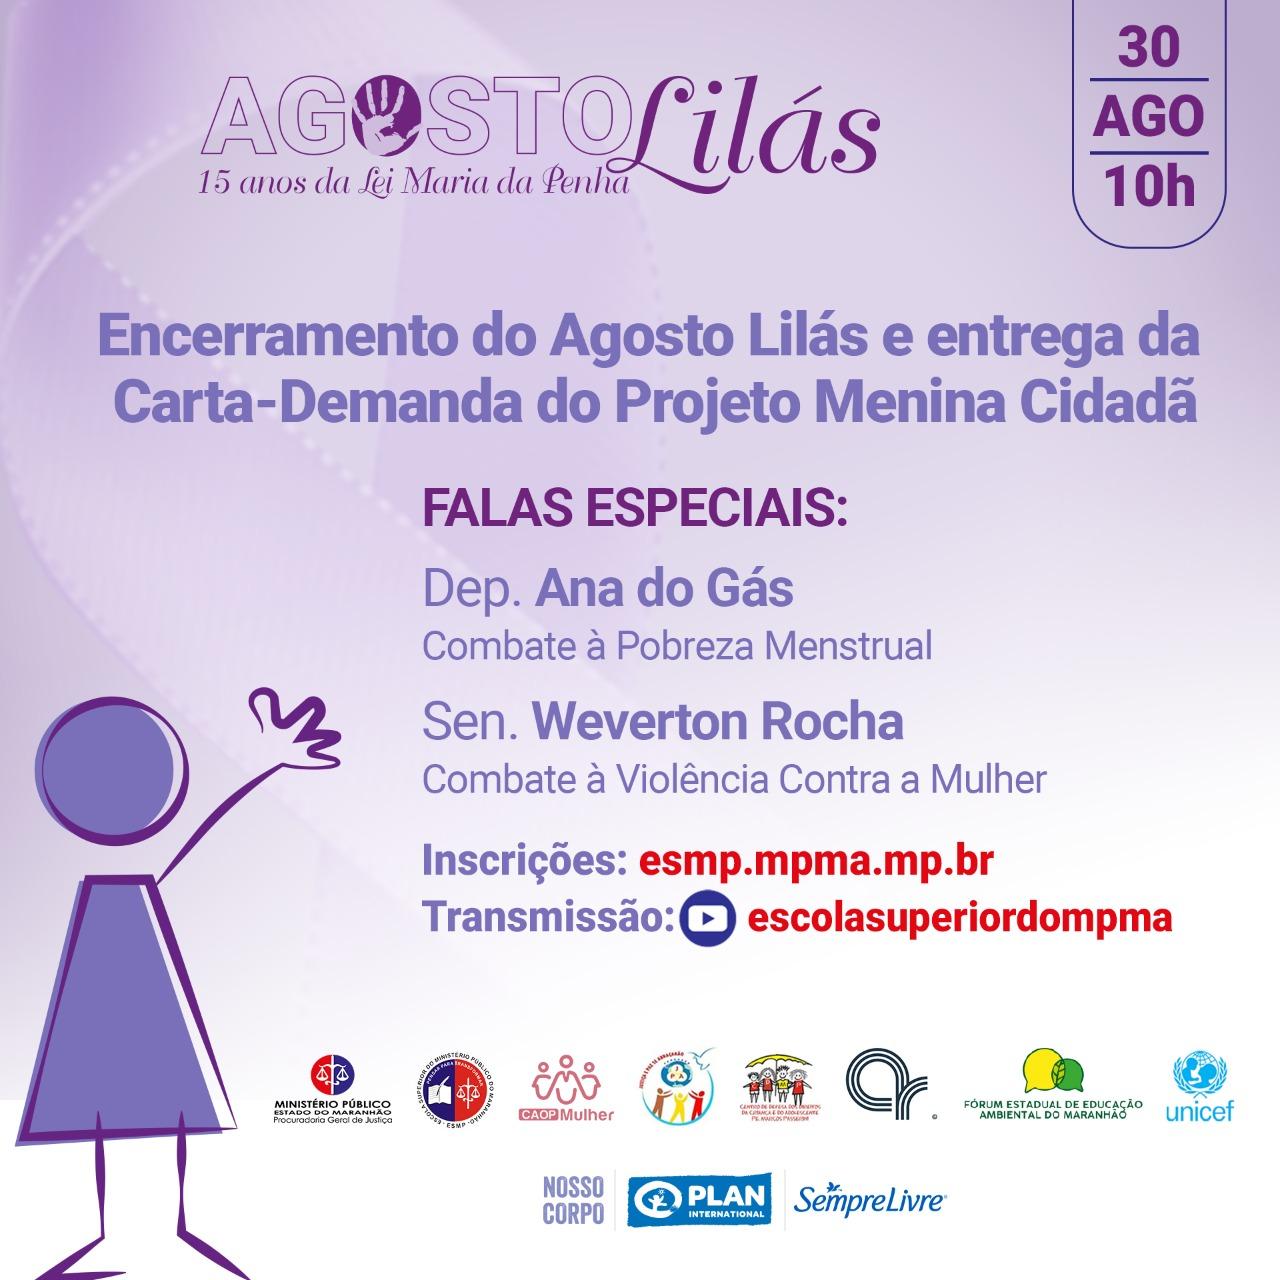 Cerimônia de Encerramento do Agosto Lilás e Entrega da Carta-Demanda do Projeto Menina Cidadã